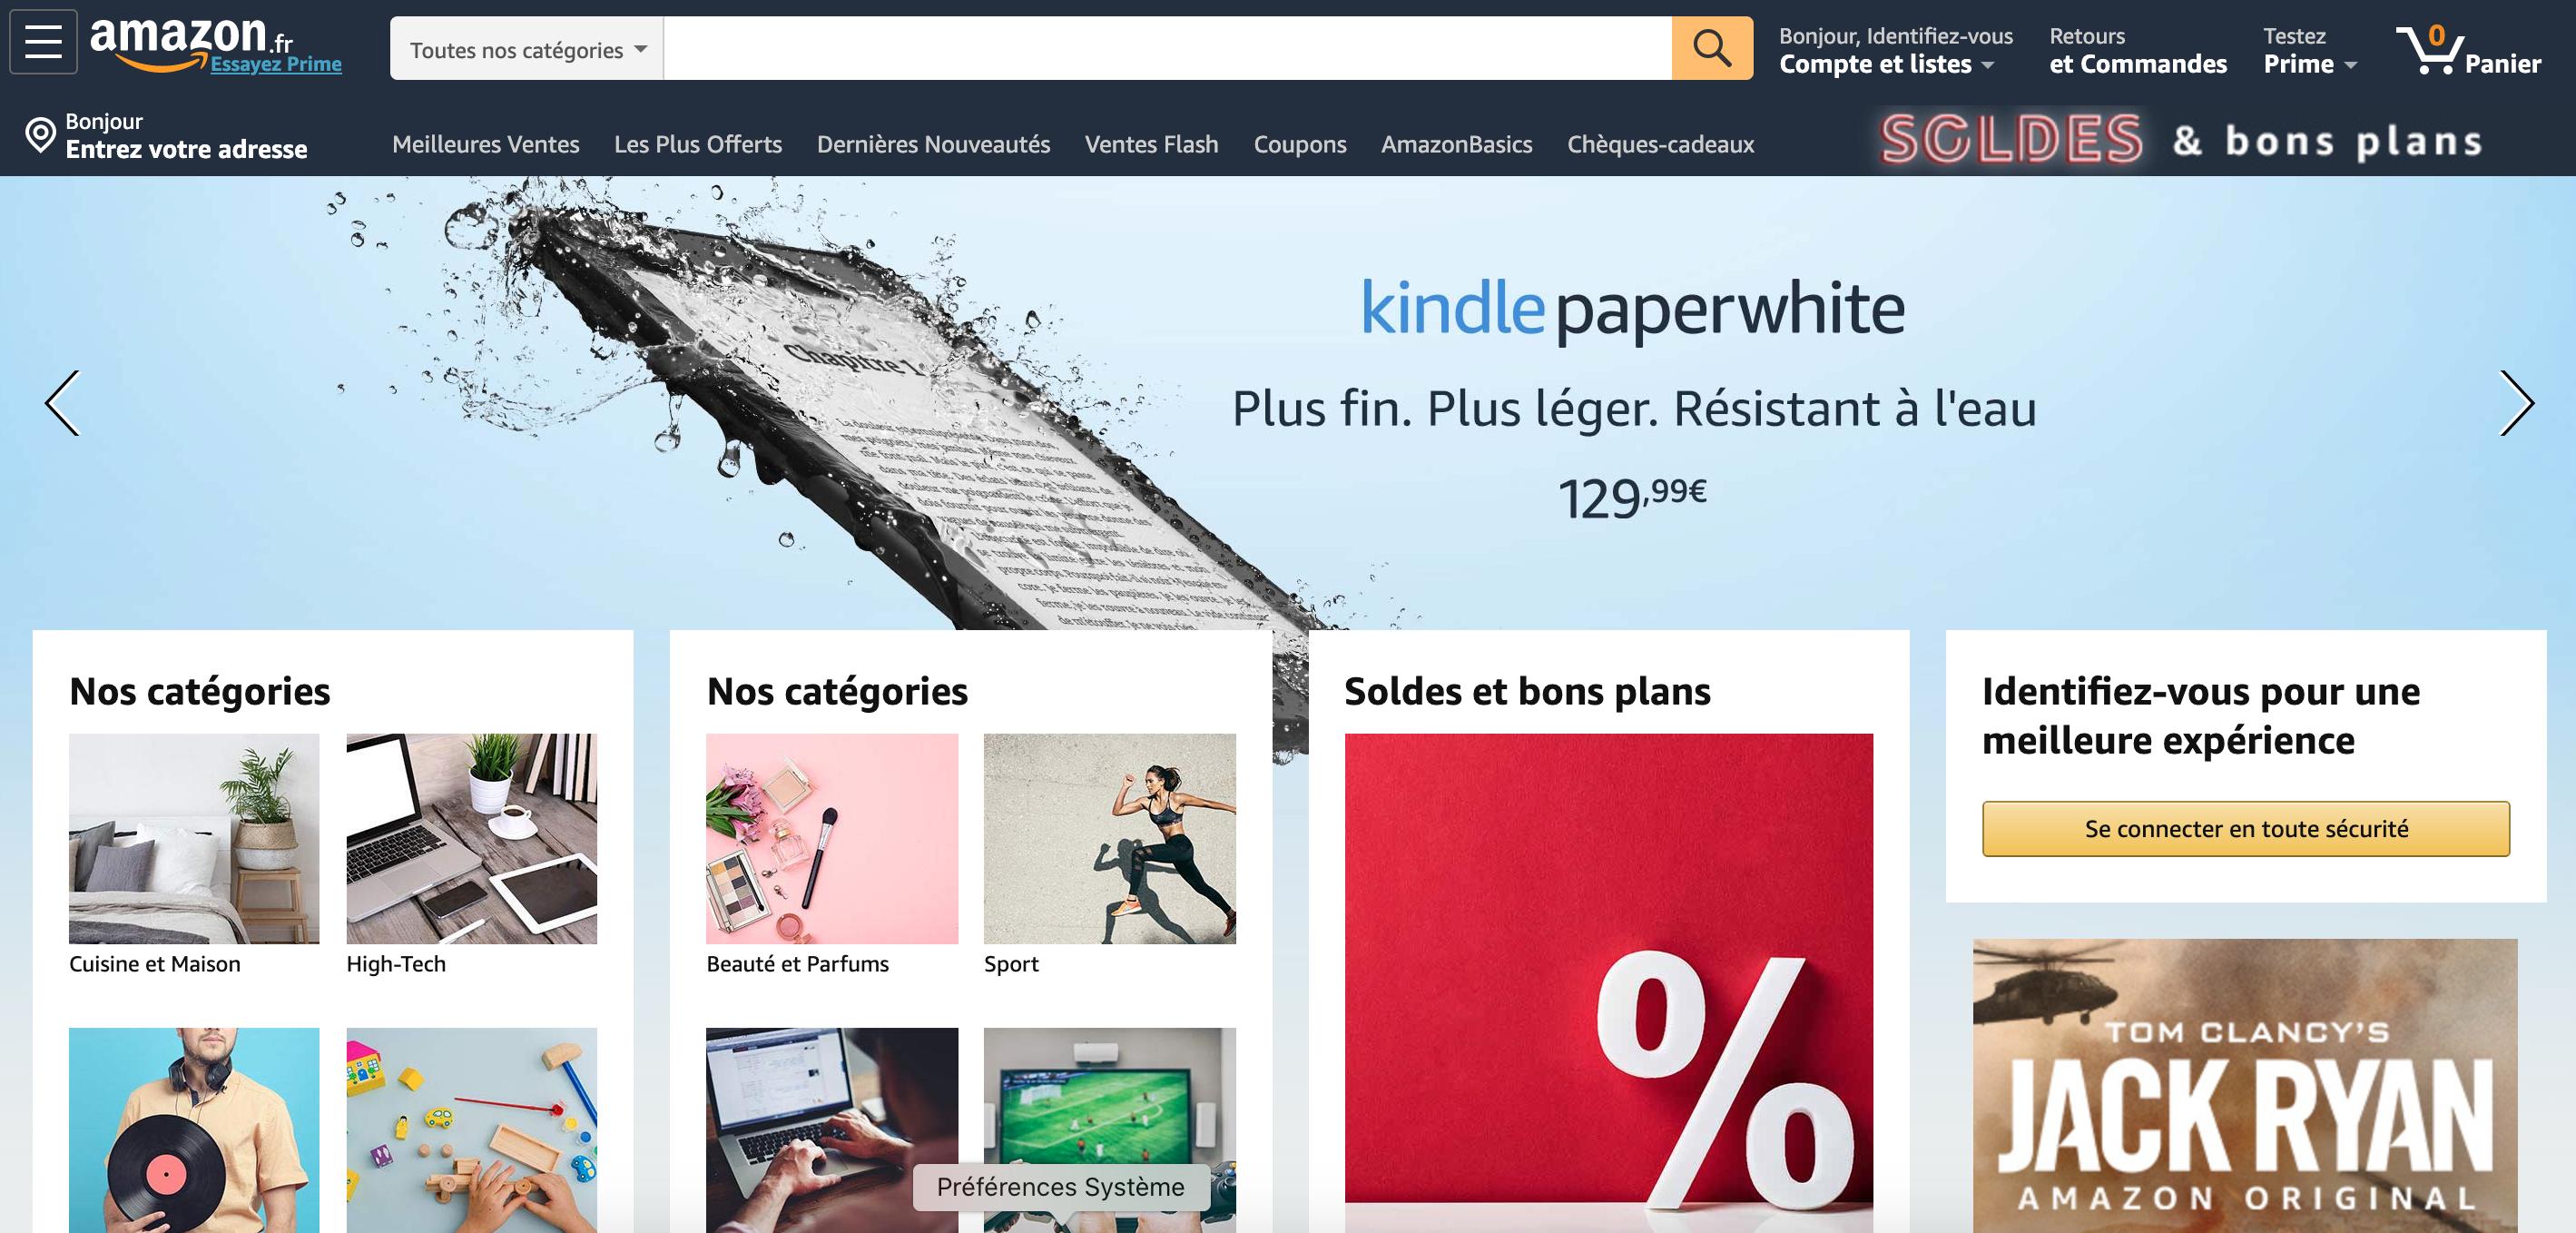 Amazon, les clés d'un service client réussi